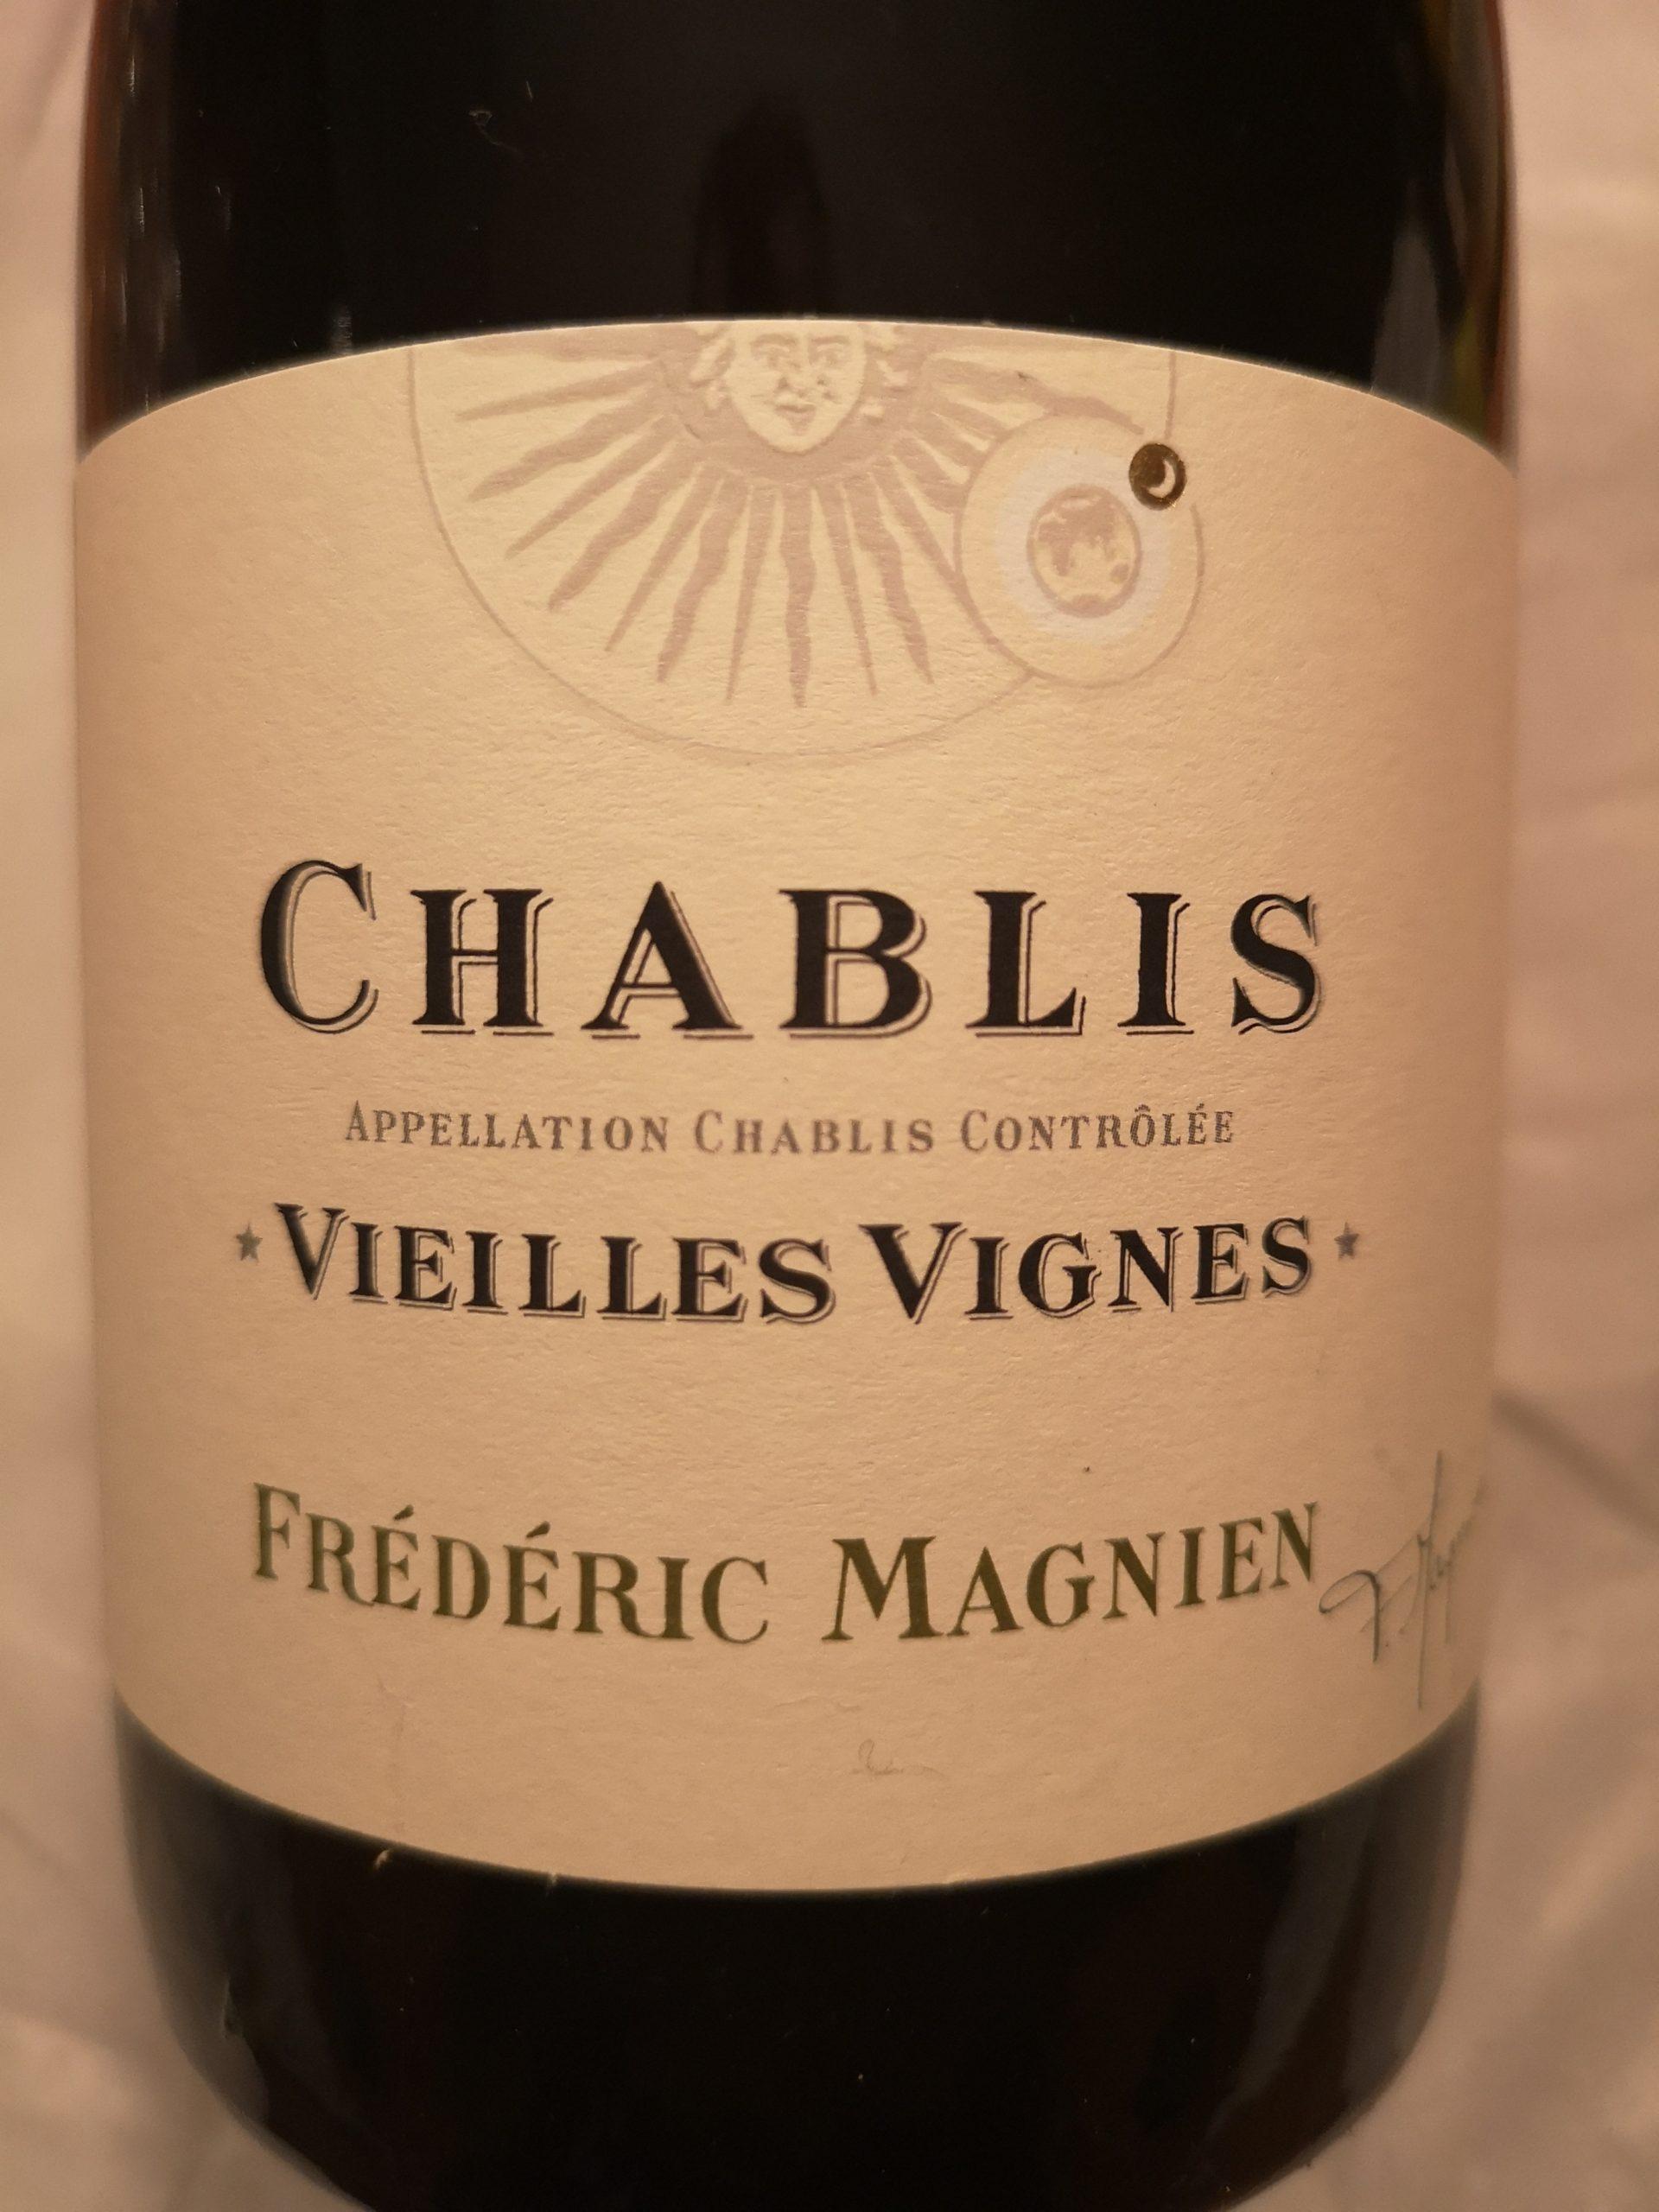 2010 Chablis Vieilles Vignes | Magnien